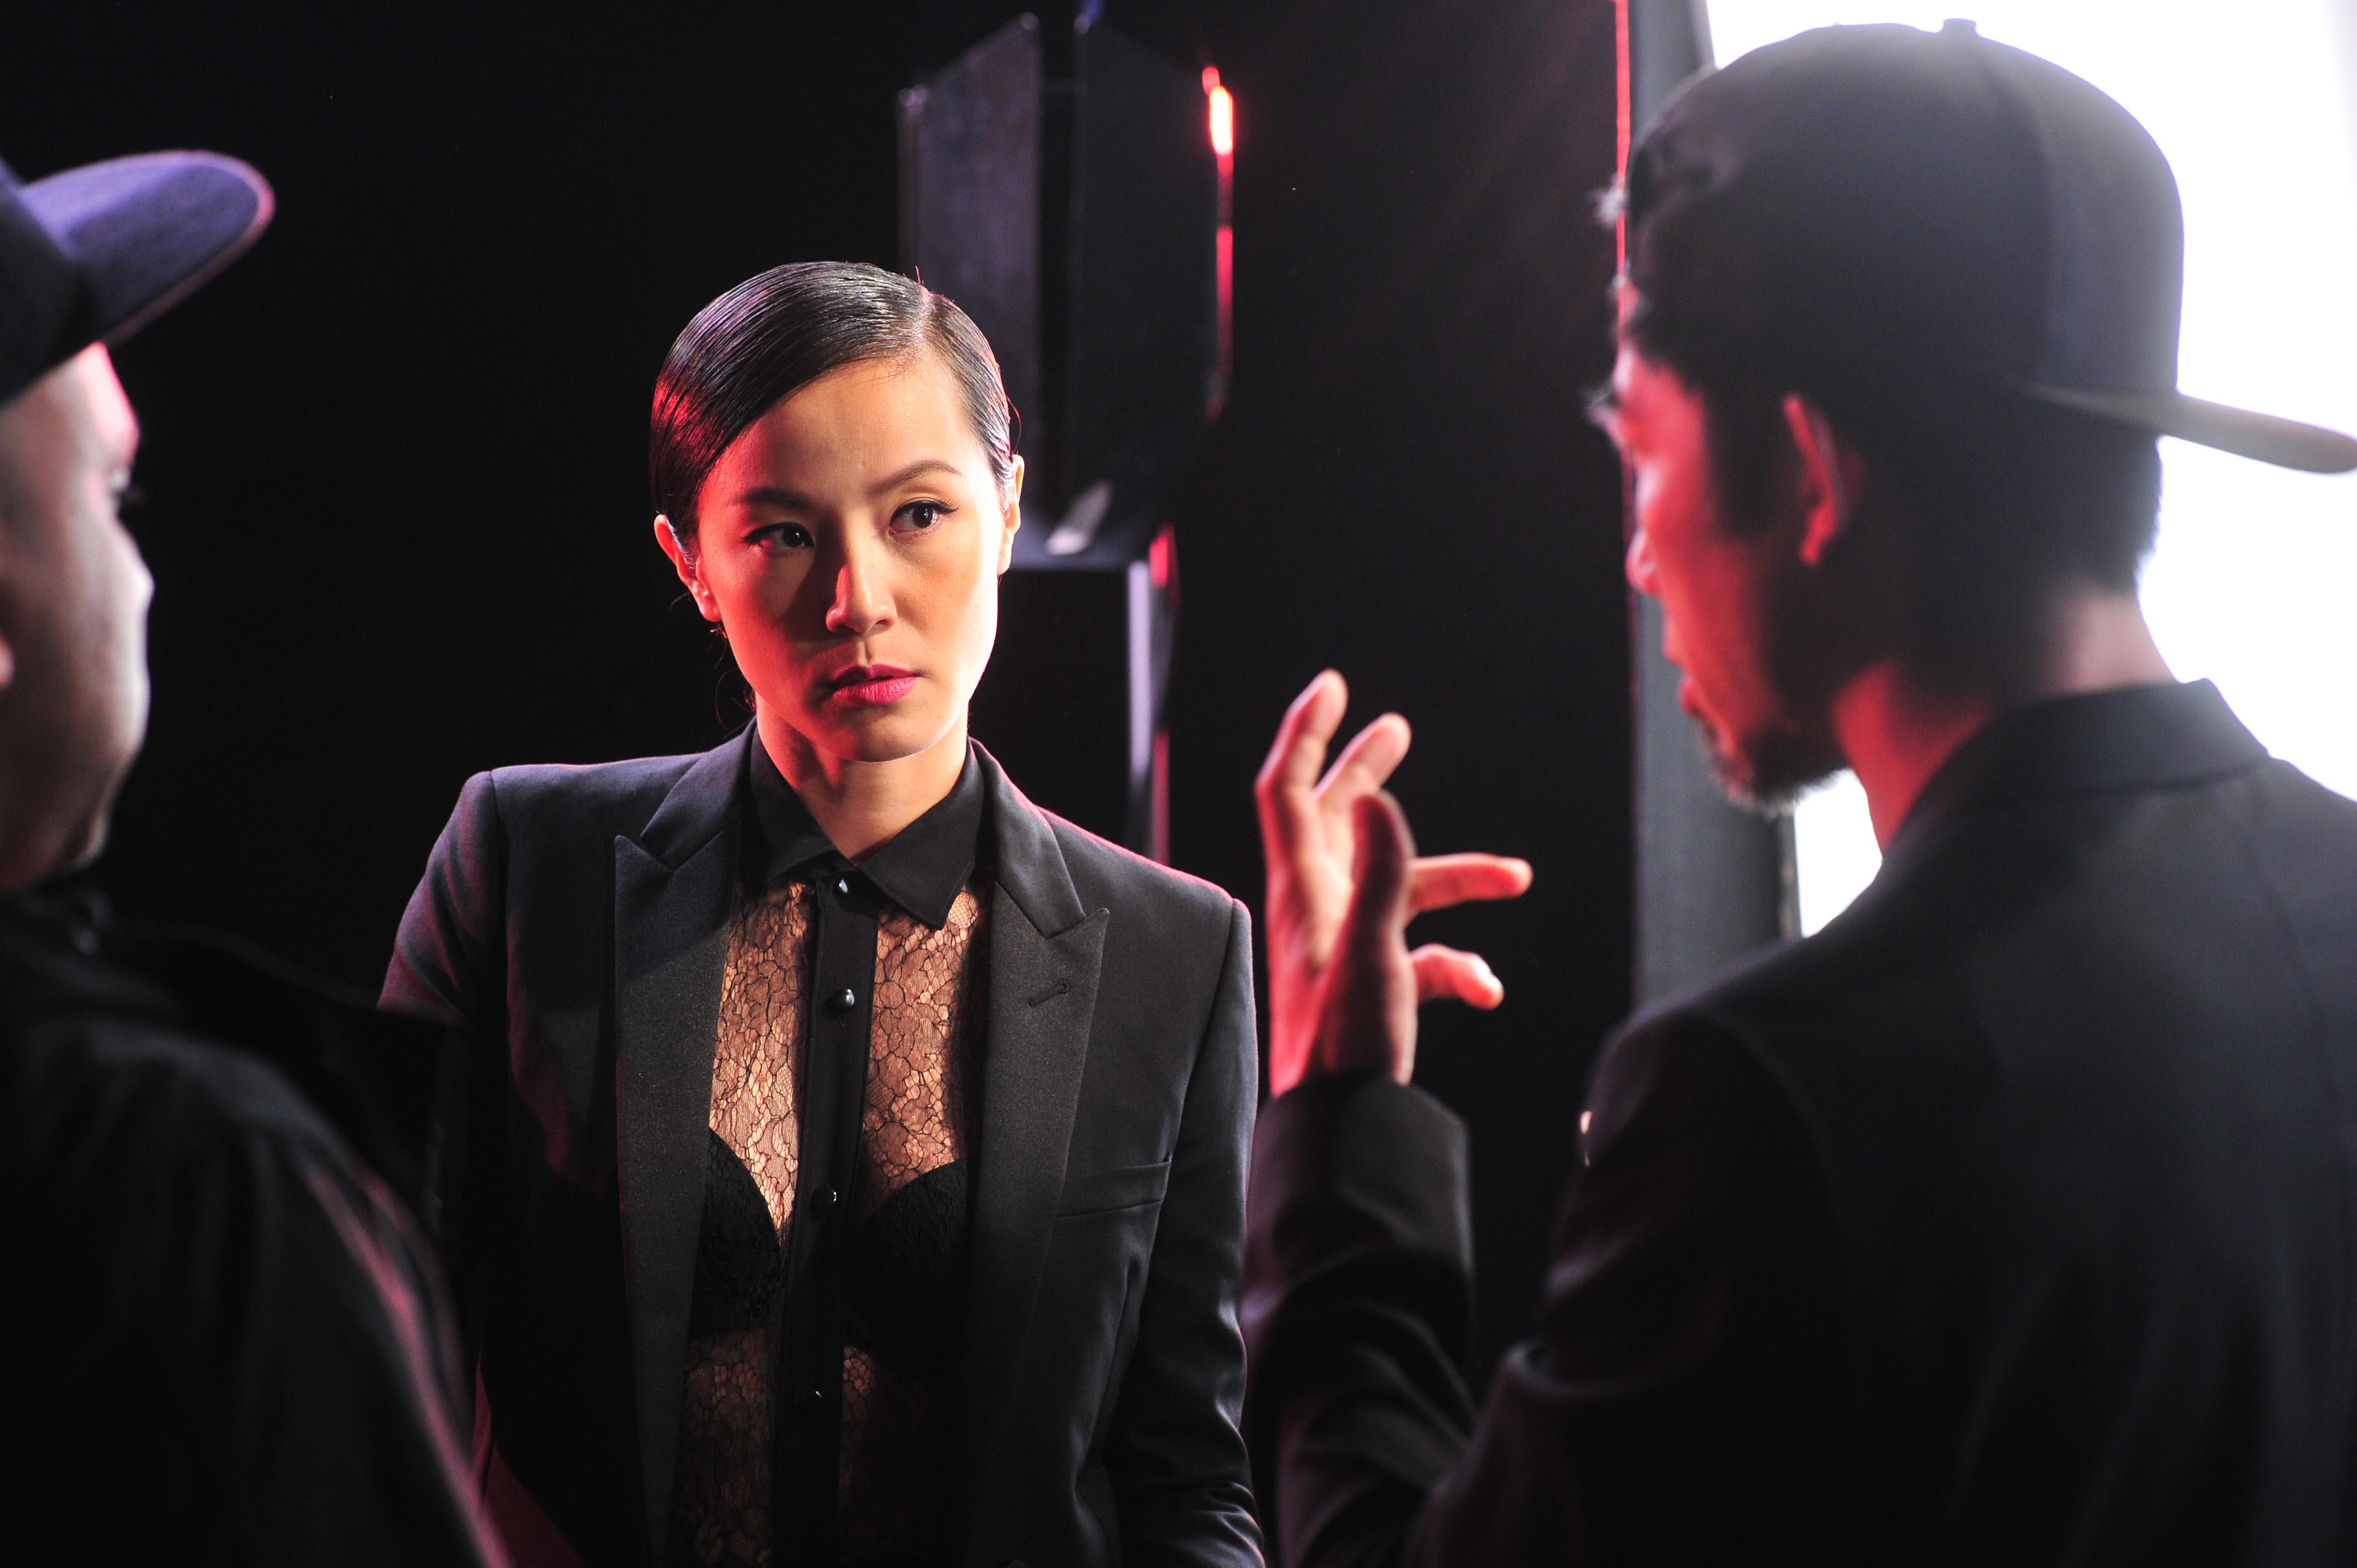 Ysl Taps Denise Ho As First Celebrity Ambassador